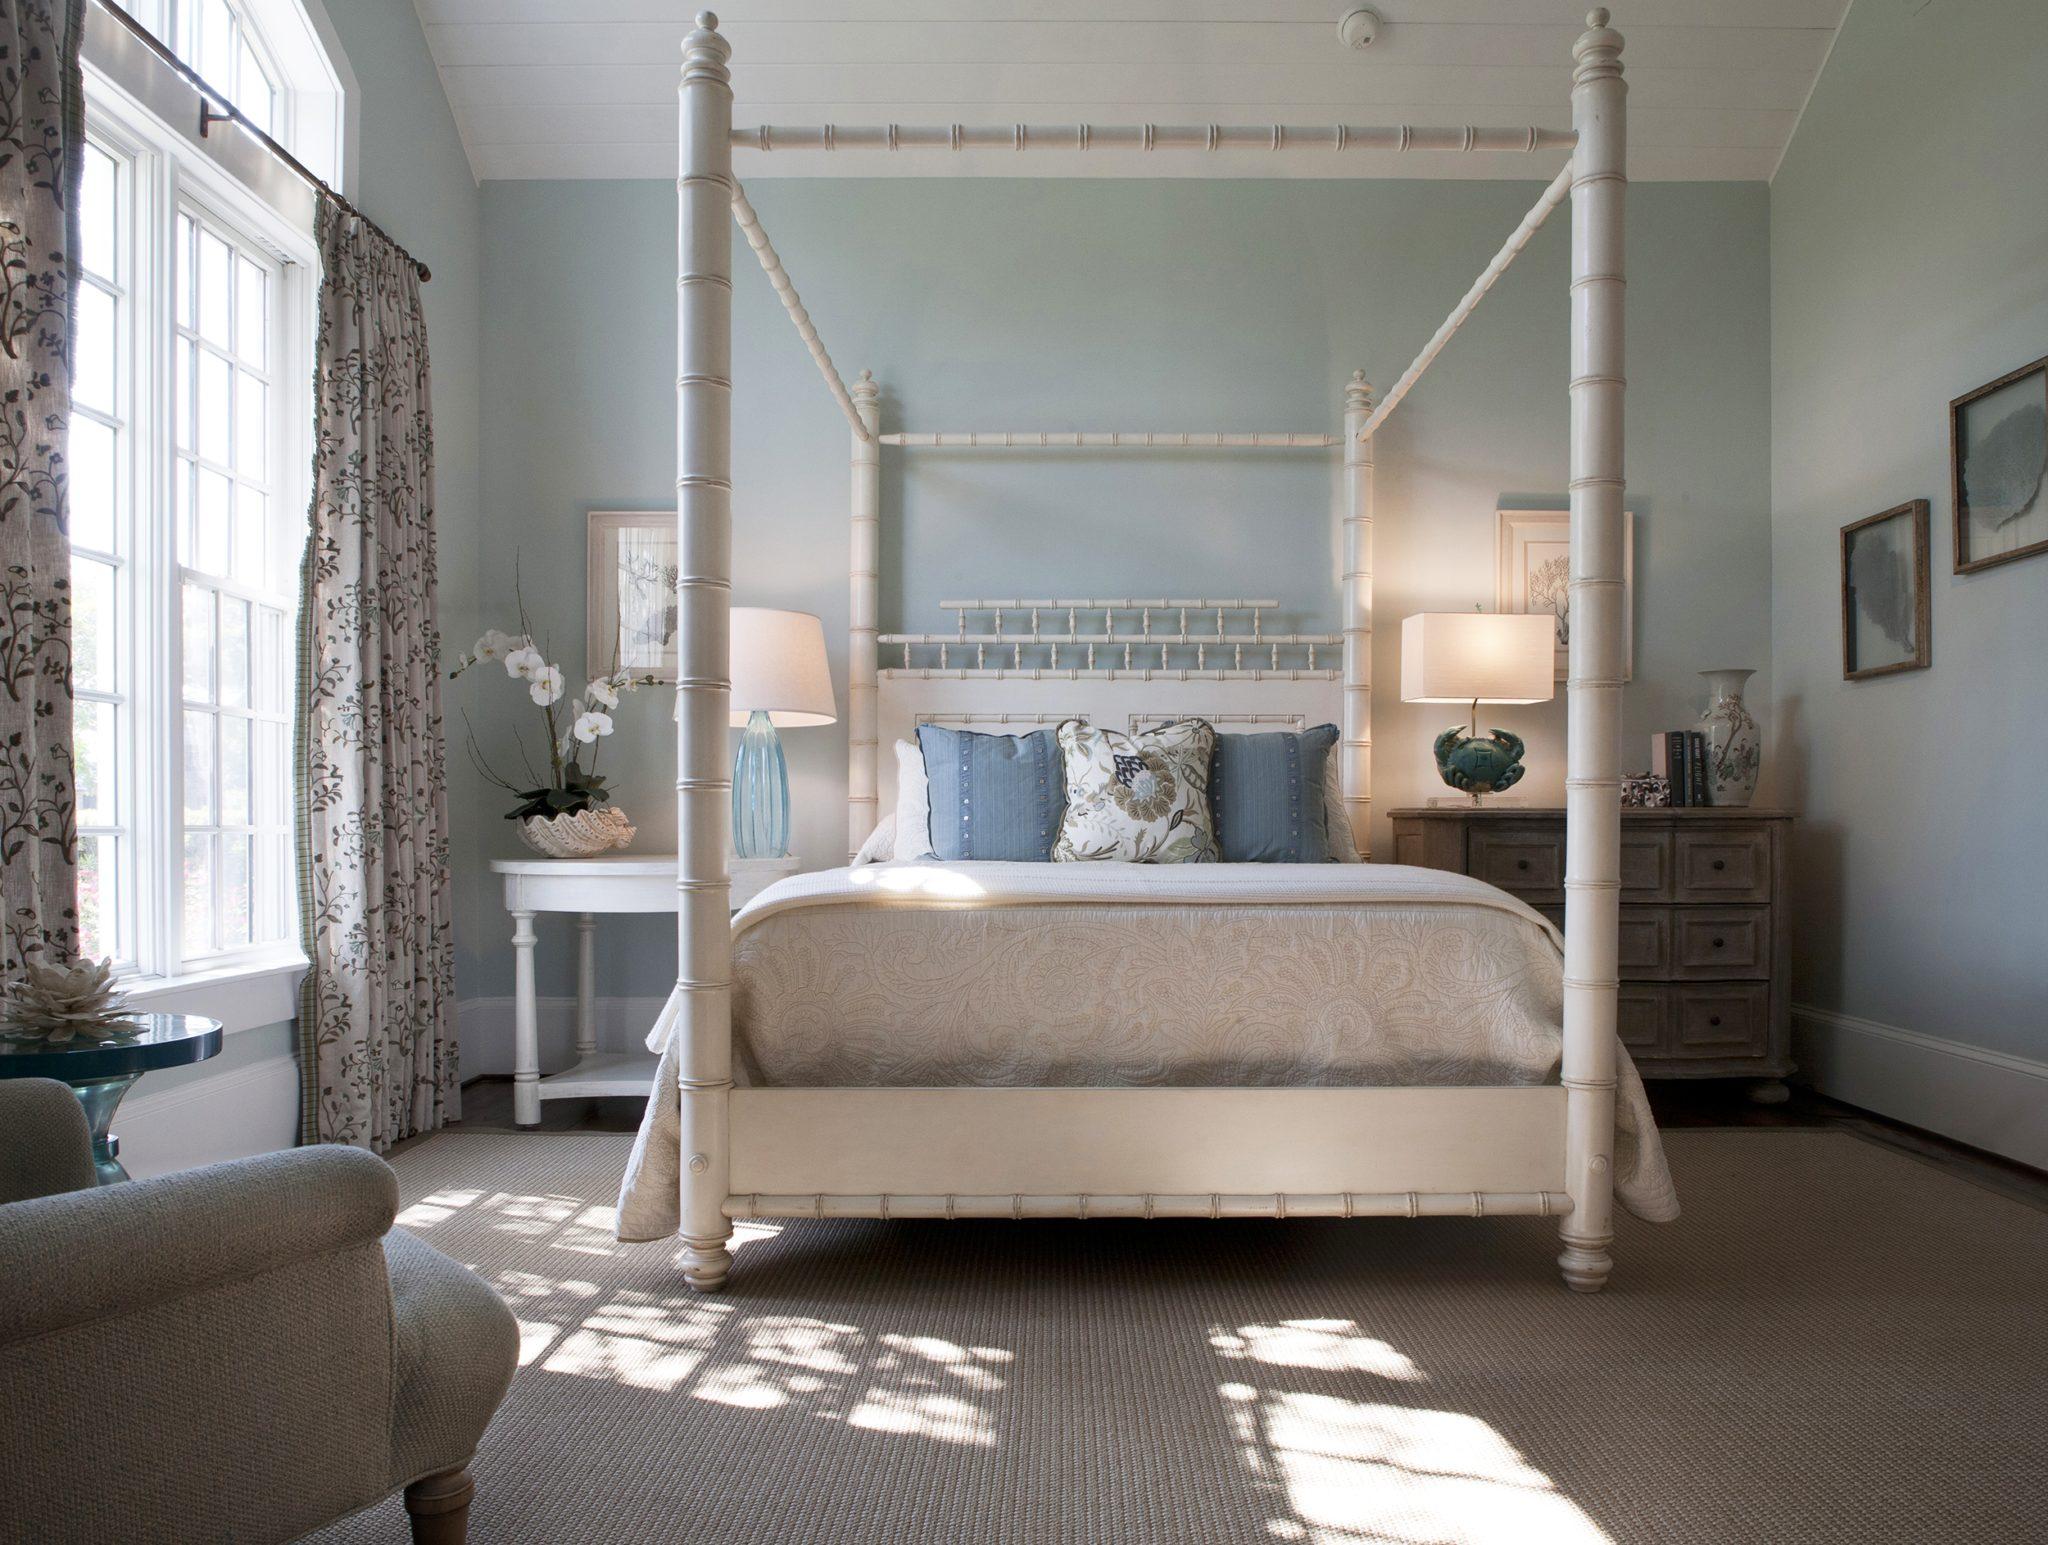 Interior design by Amanda Webster Design, Inc.